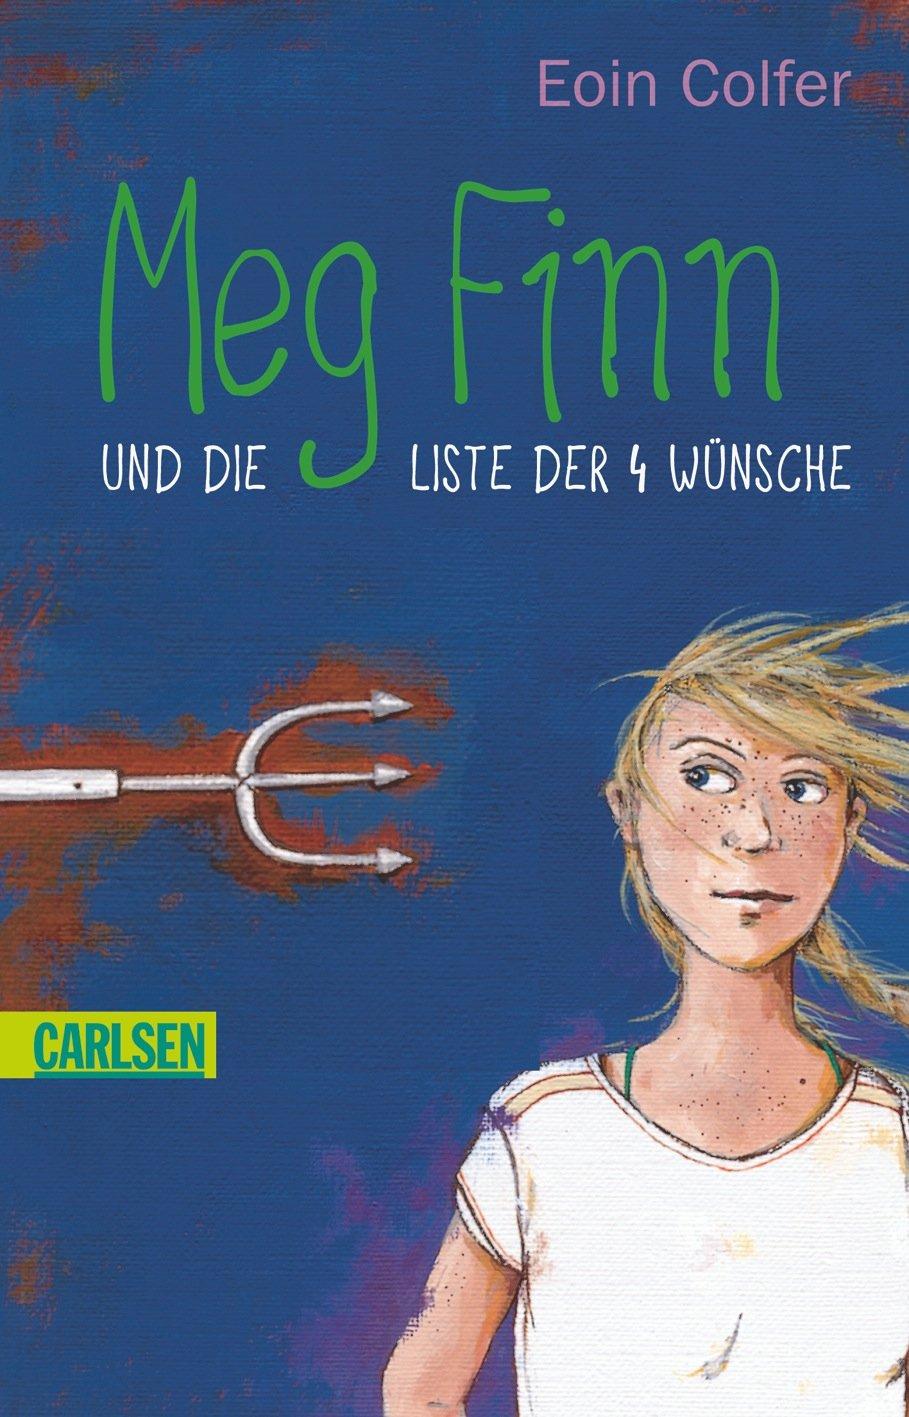 Meg Finn und die Liste der vier Wünsche von Eoin Colfer